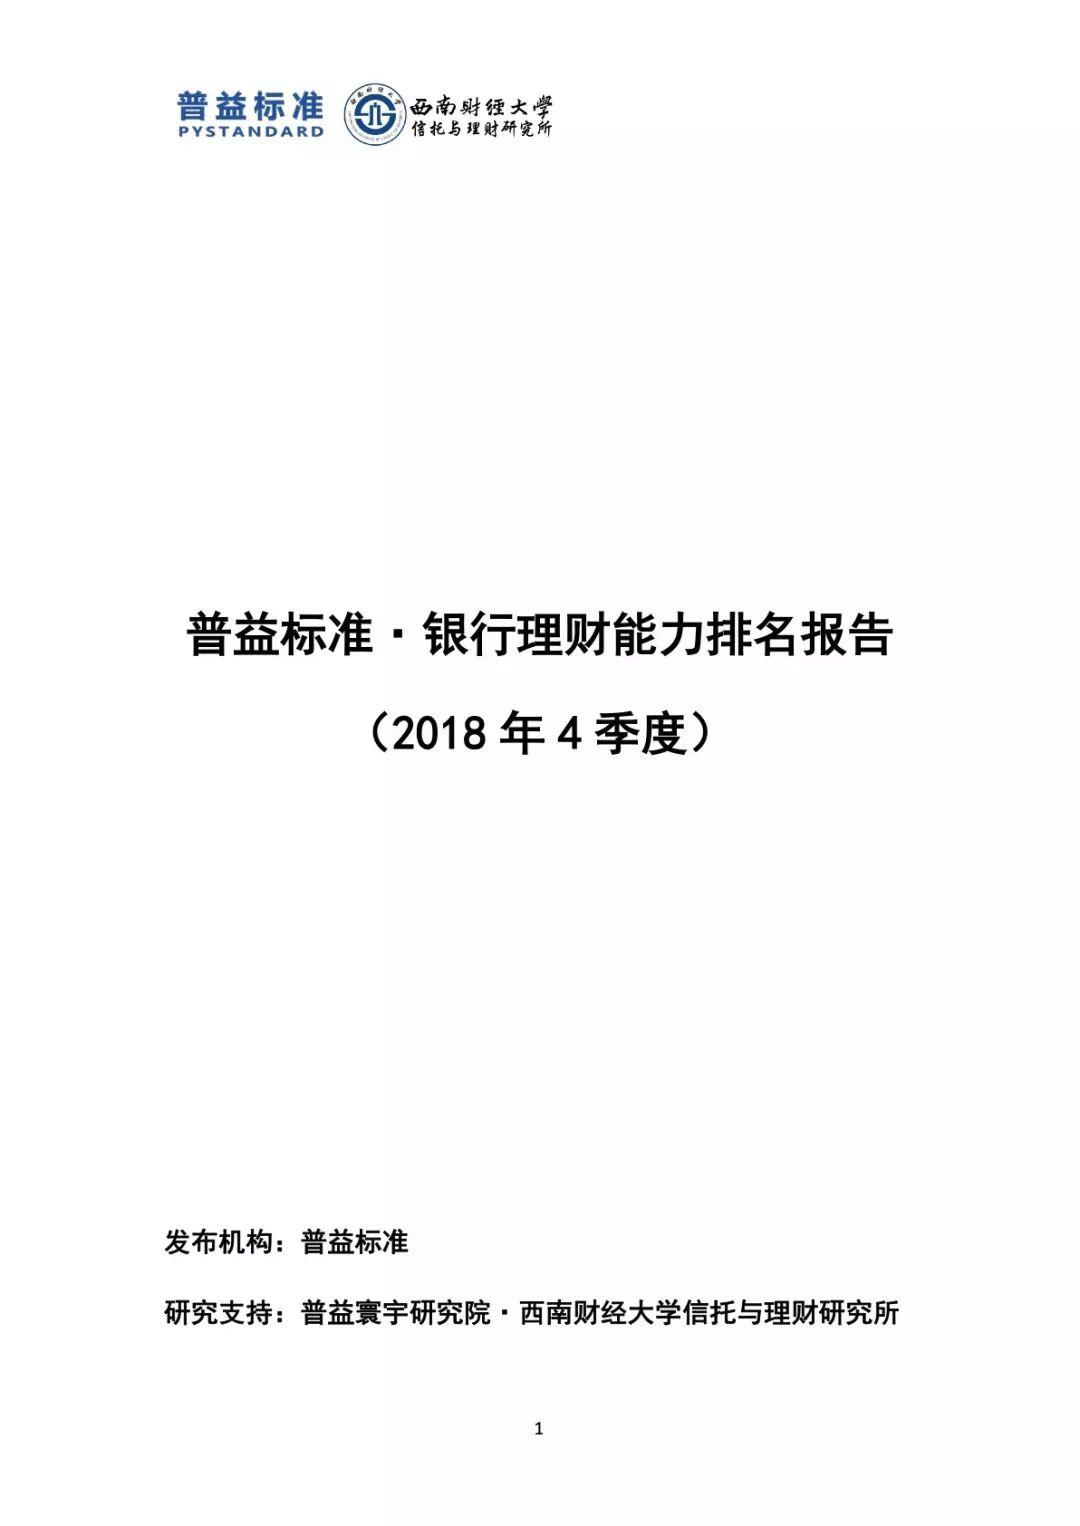 普益标准:2018年第4季度银行理财能力排名报告(100页)